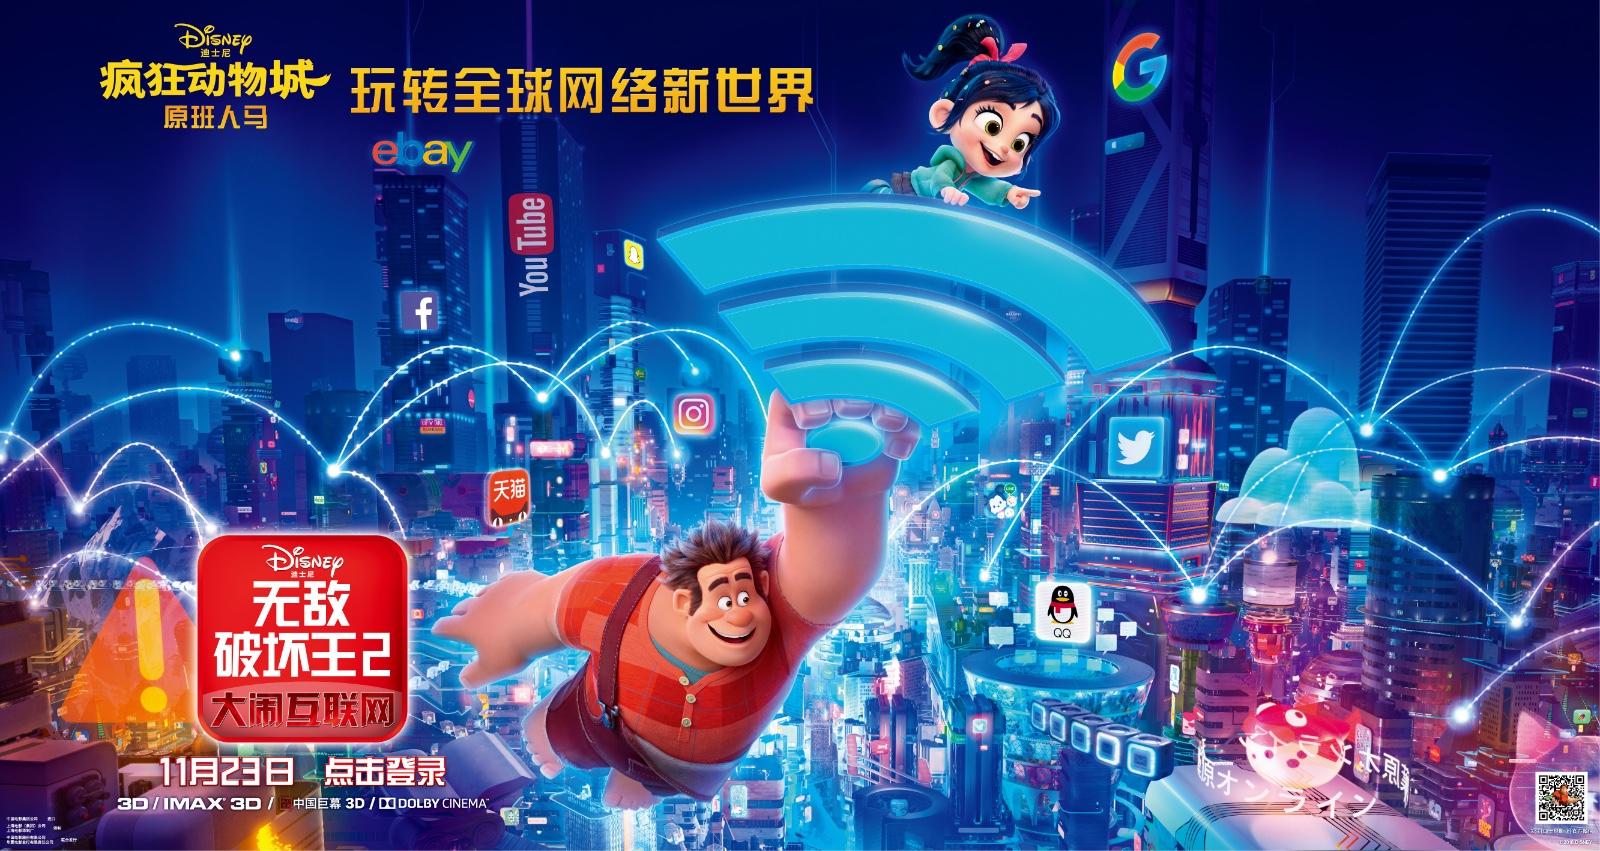 《无敌破坏王2》中国首映,口碑大爆